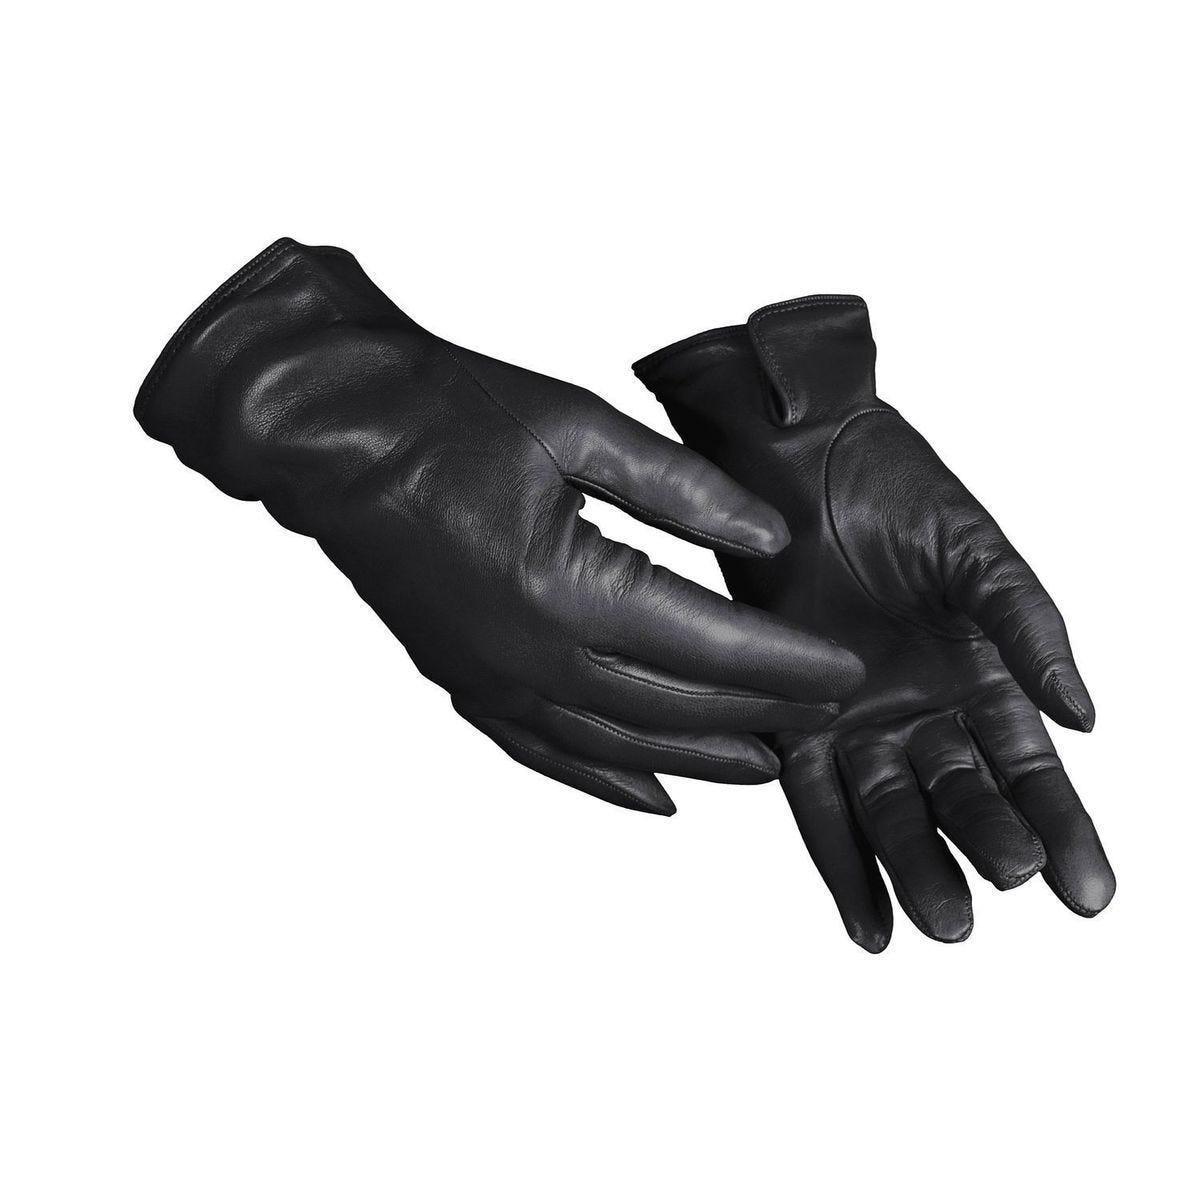 Winter gloves for women